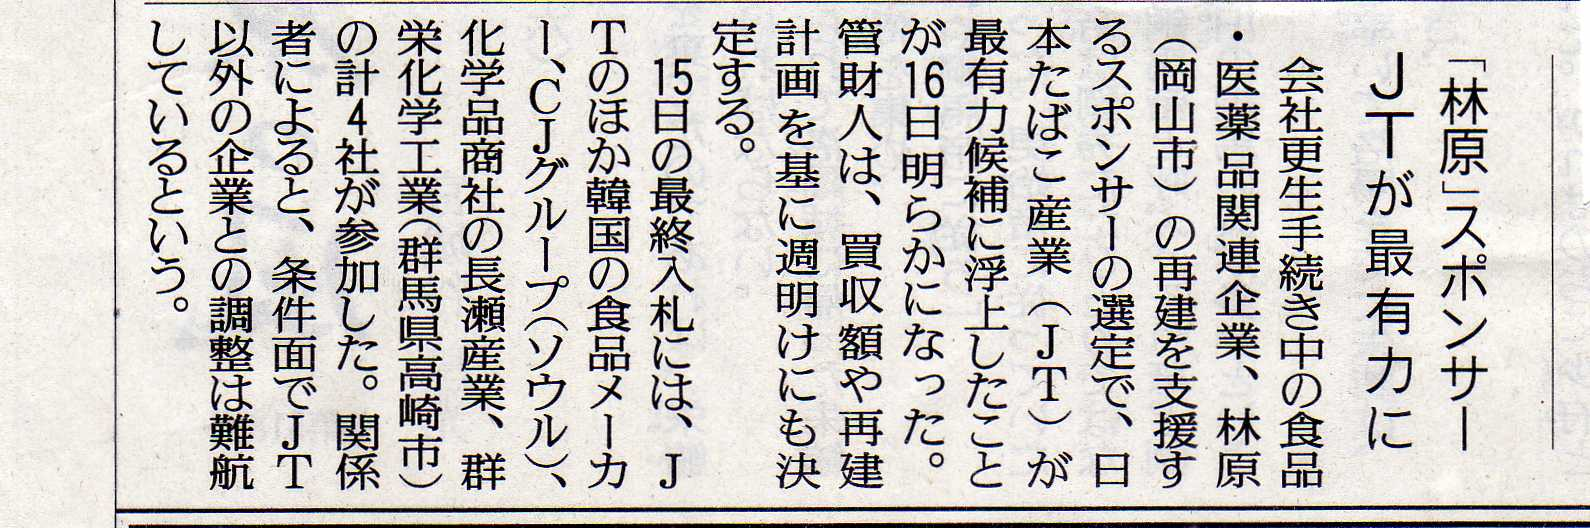 岸辺のアルバム by造反有理:2011年08月 - livedoor Blog(ブログ)